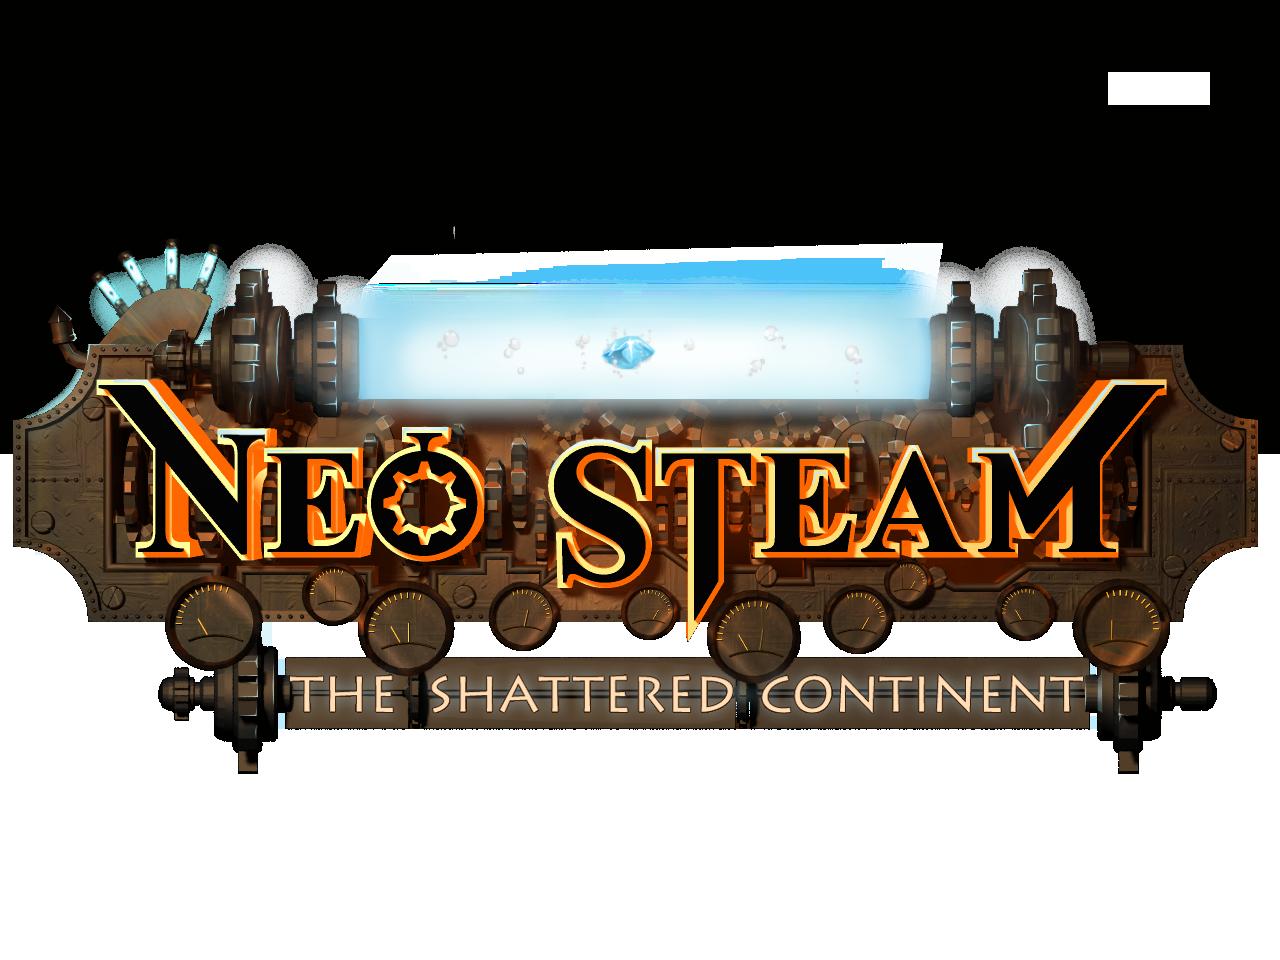 neo steam logo